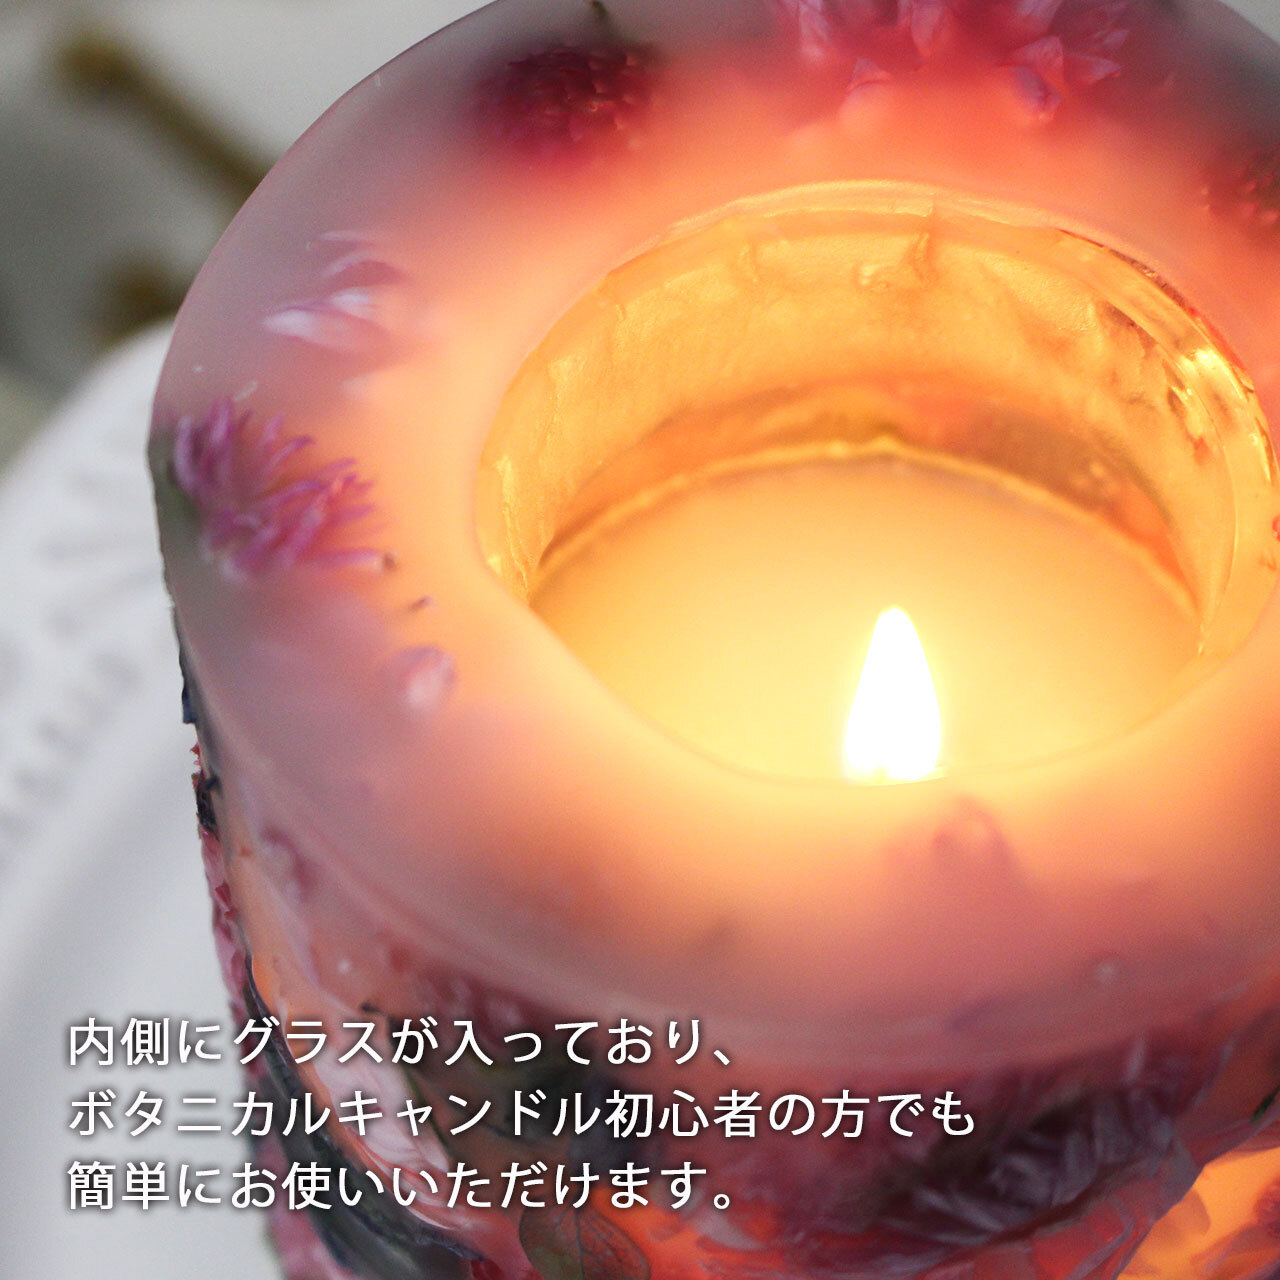 透明ラッピング&紙袋付き☆ボタニカルキャンドルギフト パンジー